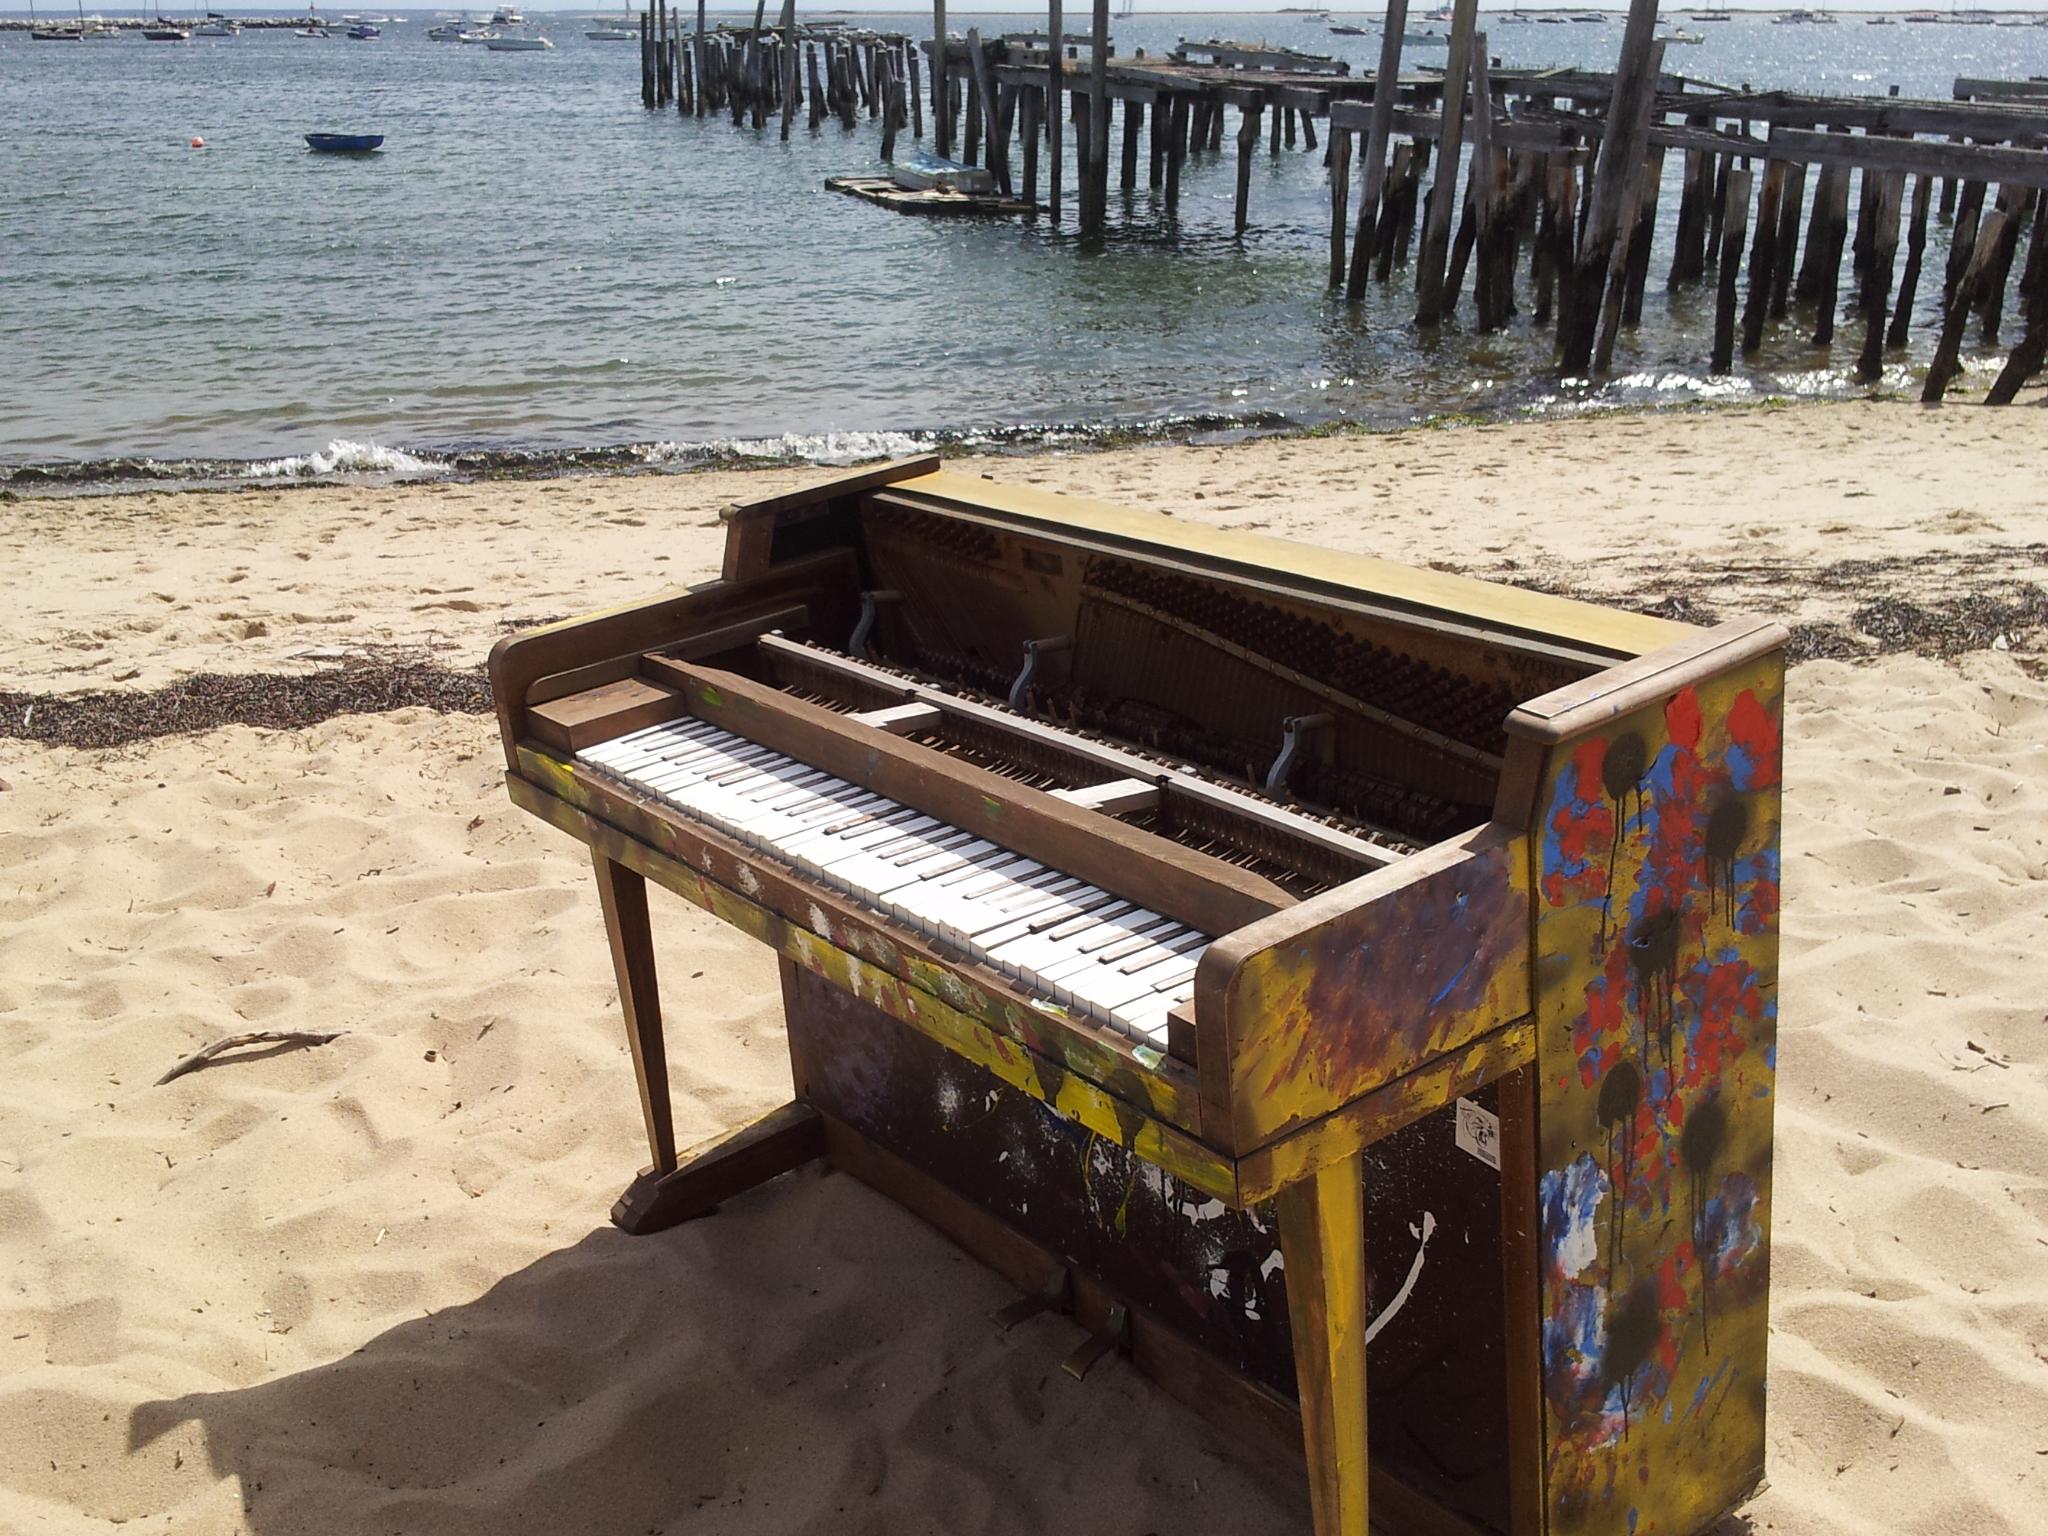 NormanBelanger_Music in the Harbor.jpg